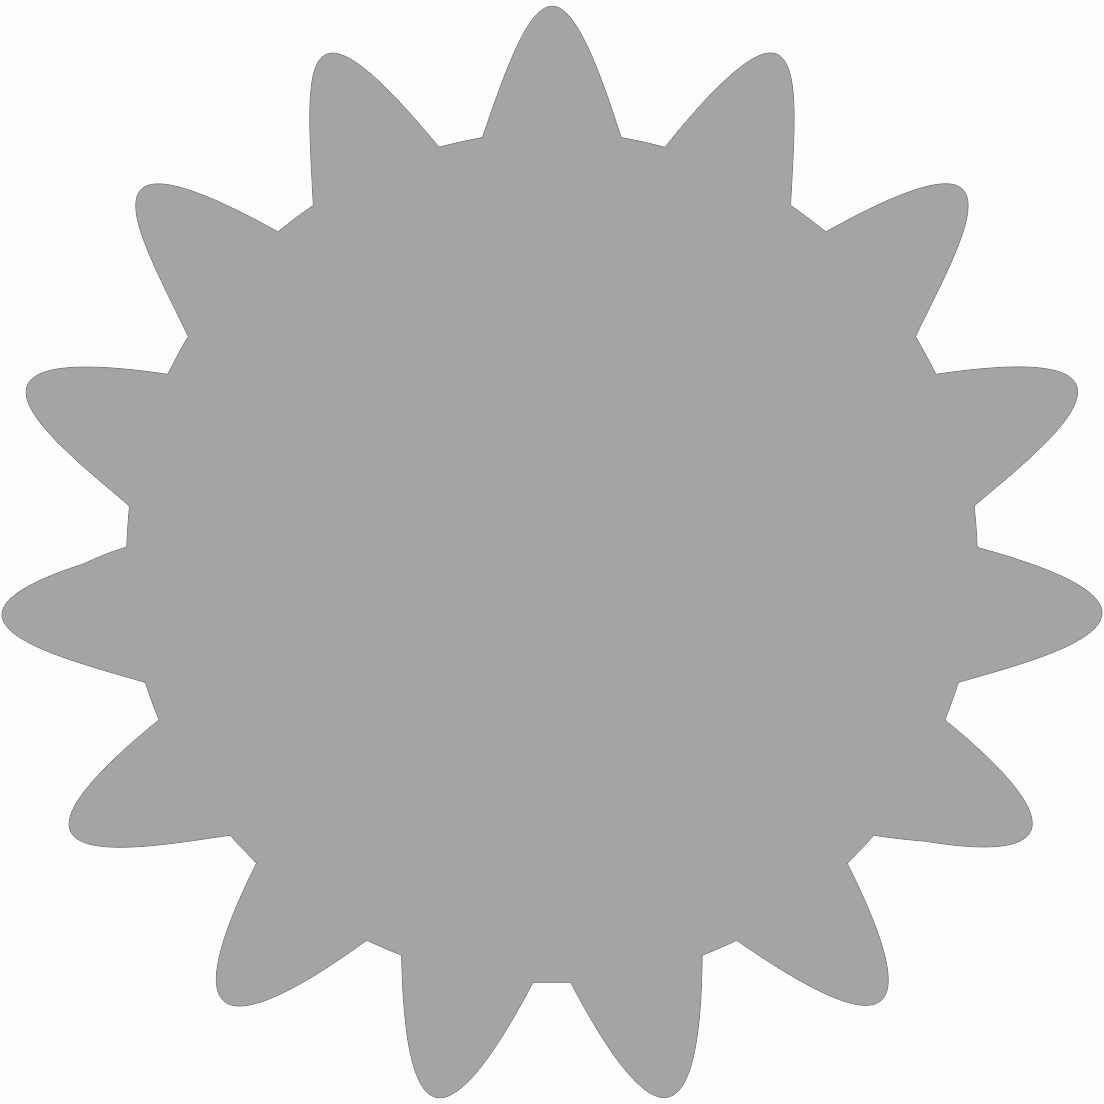 Светоотражатель пешеходный Мамасвет Солнышко11012Бликеры - это красивые и стильные термоаппликации, изготовленные из специального световозвращающего материала - серебристой переводной термоактивируемой пленки, которая в свете фар становится ярко-белой и позволяет отчетливо видеть человека, даже если он стоит на обочине дороги. Бликеры легко наносятся и превосходно скрепляются практически с любыми тканями.Бликер не потеряется, его невозможно забыть дома, как, например, значок или подвеску, и вы теперь всегда будете уверены в безопасности вашего ребенка.Бликеры полностью сохраняют световозвращающие свойства независимо от угла освещения.Бликеры значительно превосходят требования, предъявляемые к яркости световозвращающих материалов класса 2 стандарта EN 471 и ГОСТ Р 12.4.219-99.Допускается стирка бытовыми моющими средствами при температуре 60°С - 50 циклов, химическая чистка - 25 циклов. С 1 июля 2015 года ношение светоотражателей вне населенных пунктов является обязательным для пешеходов! Мы рекомендуем носить их и в городе! Для безопасности и сохранения жизни!